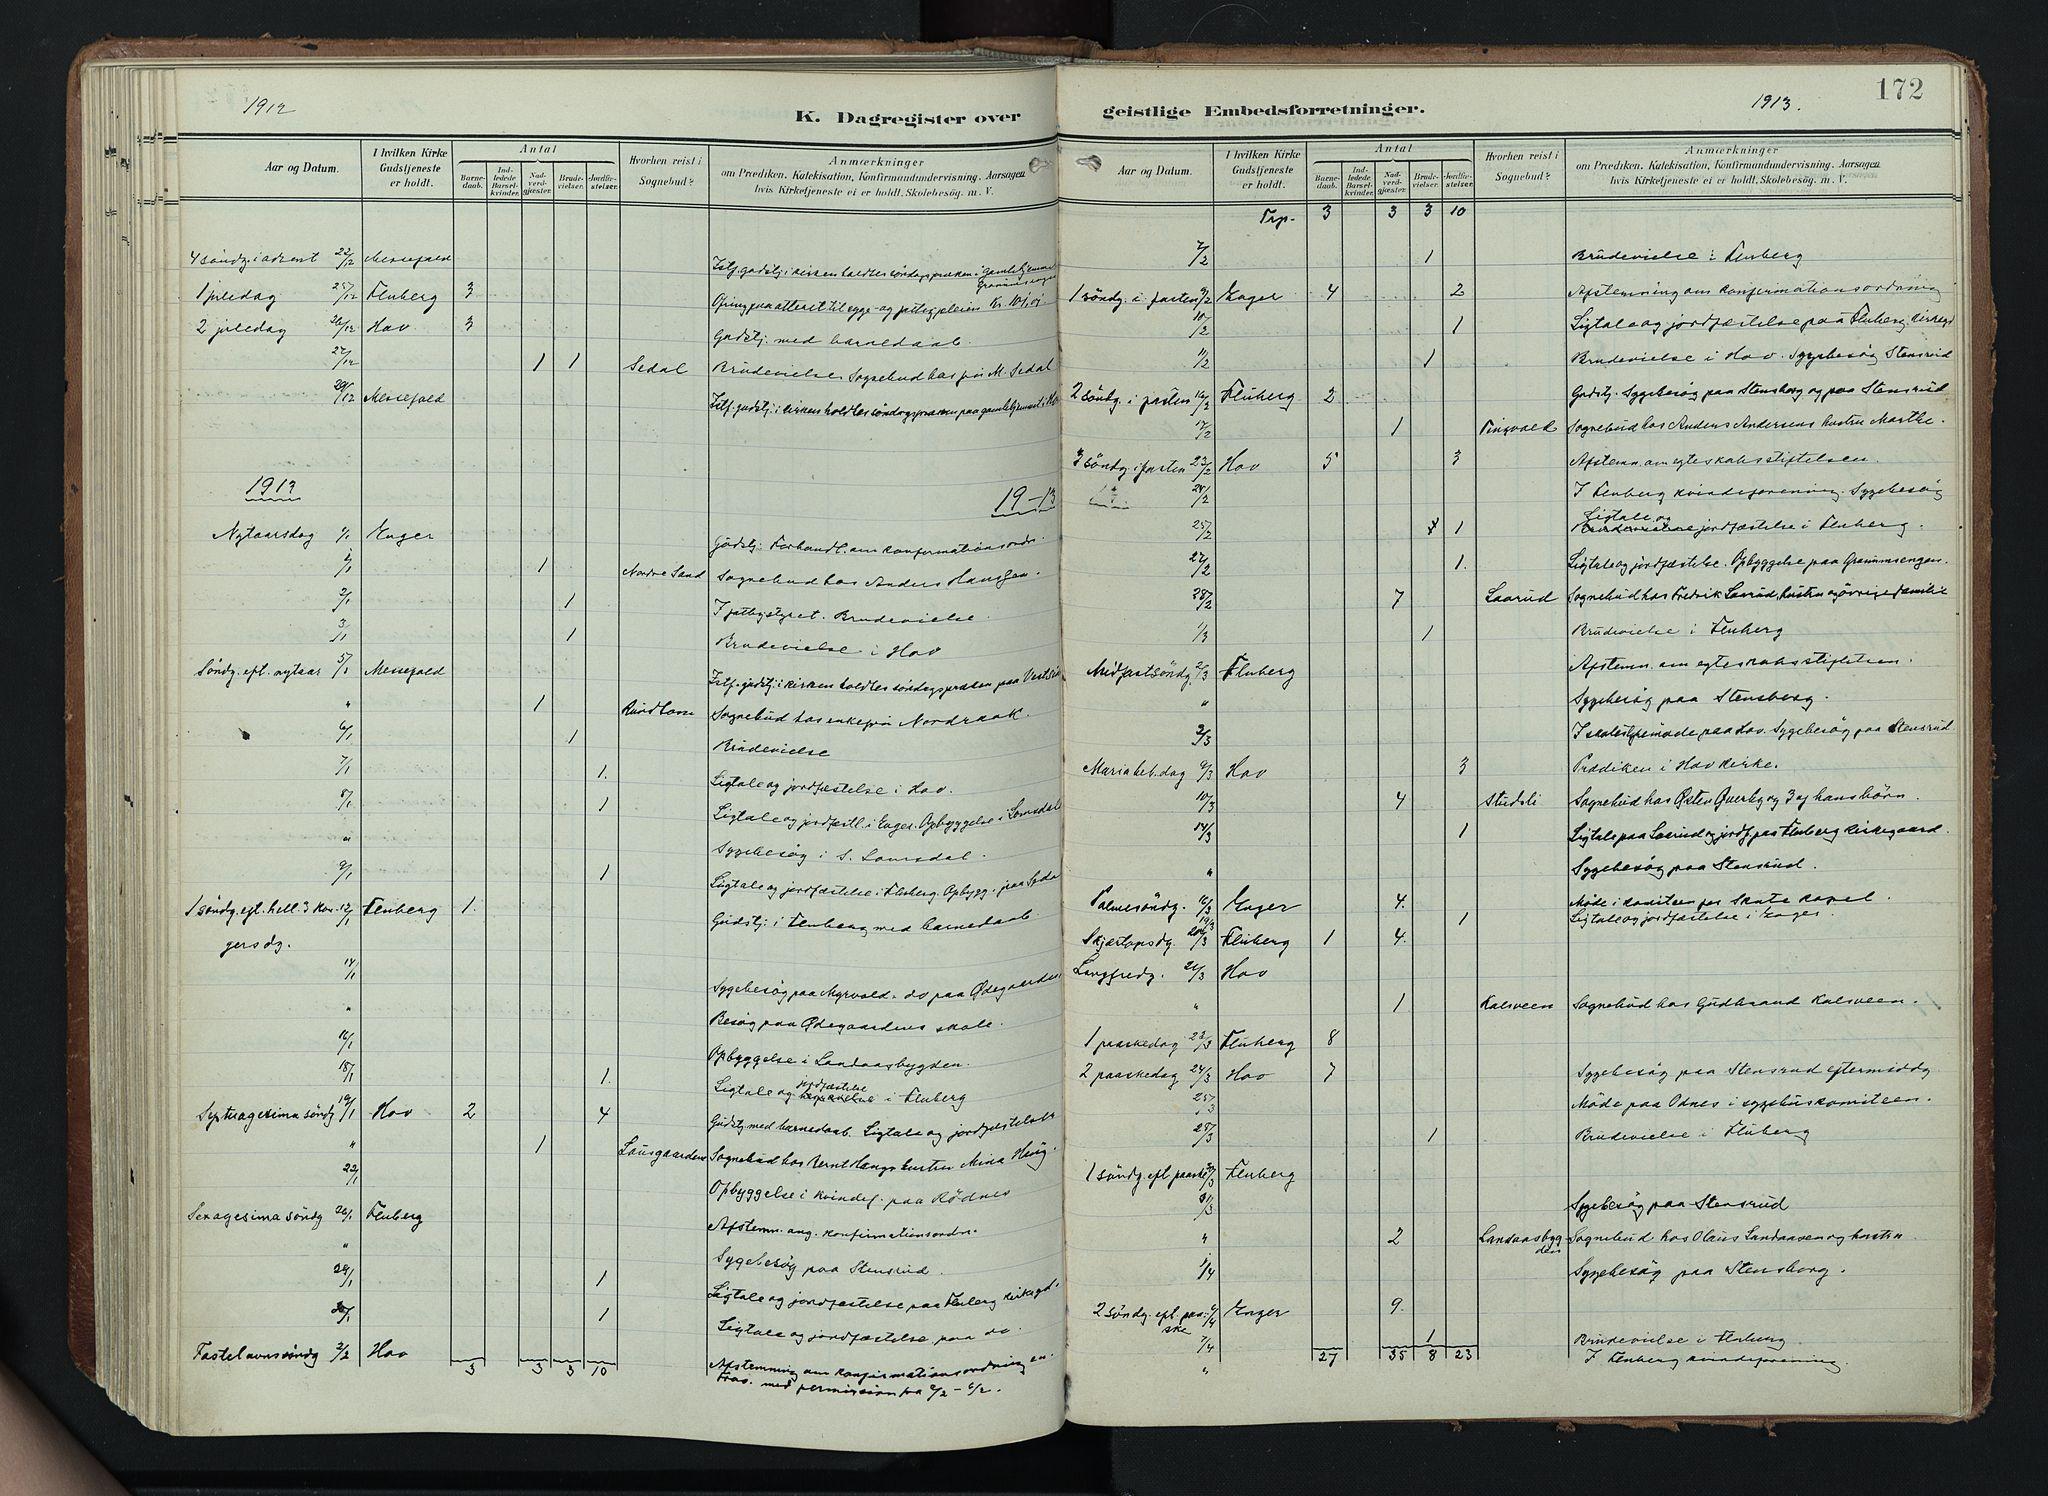 SAH, Søndre Land prestekontor, K/L0005: Ministerialbok nr. 5, 1905-1914, s. 172